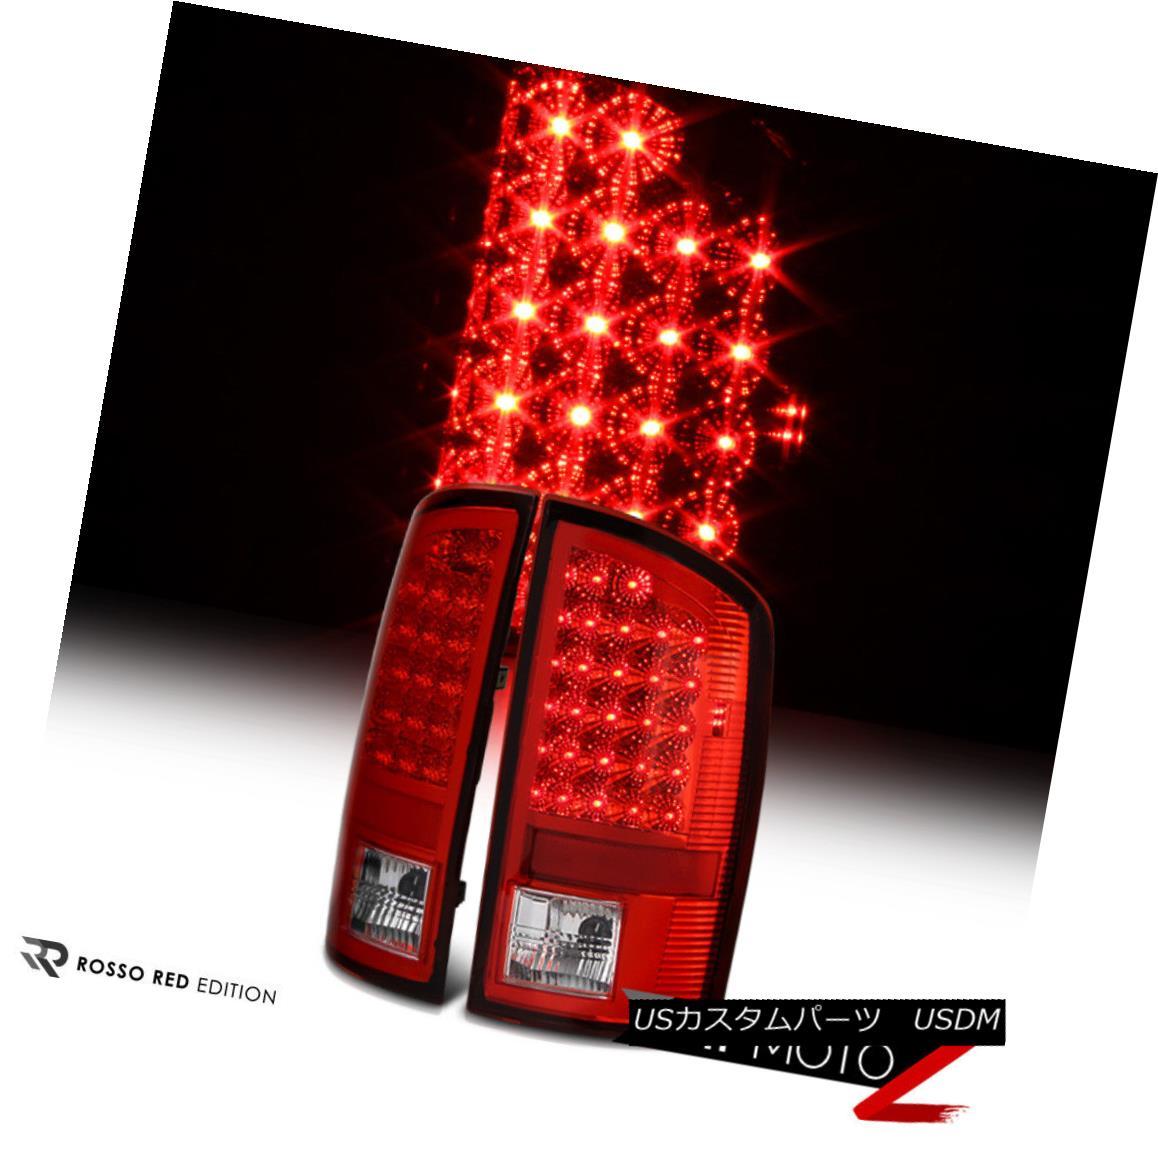 テールライト L+R Factory Style 02-06 Dodge RAM Truck 1500 LED Tail Light Signal Lamp L + Rファクトリースタイル02-06 Dodge RAMトラック1500 LEDテールライト信号ランプ